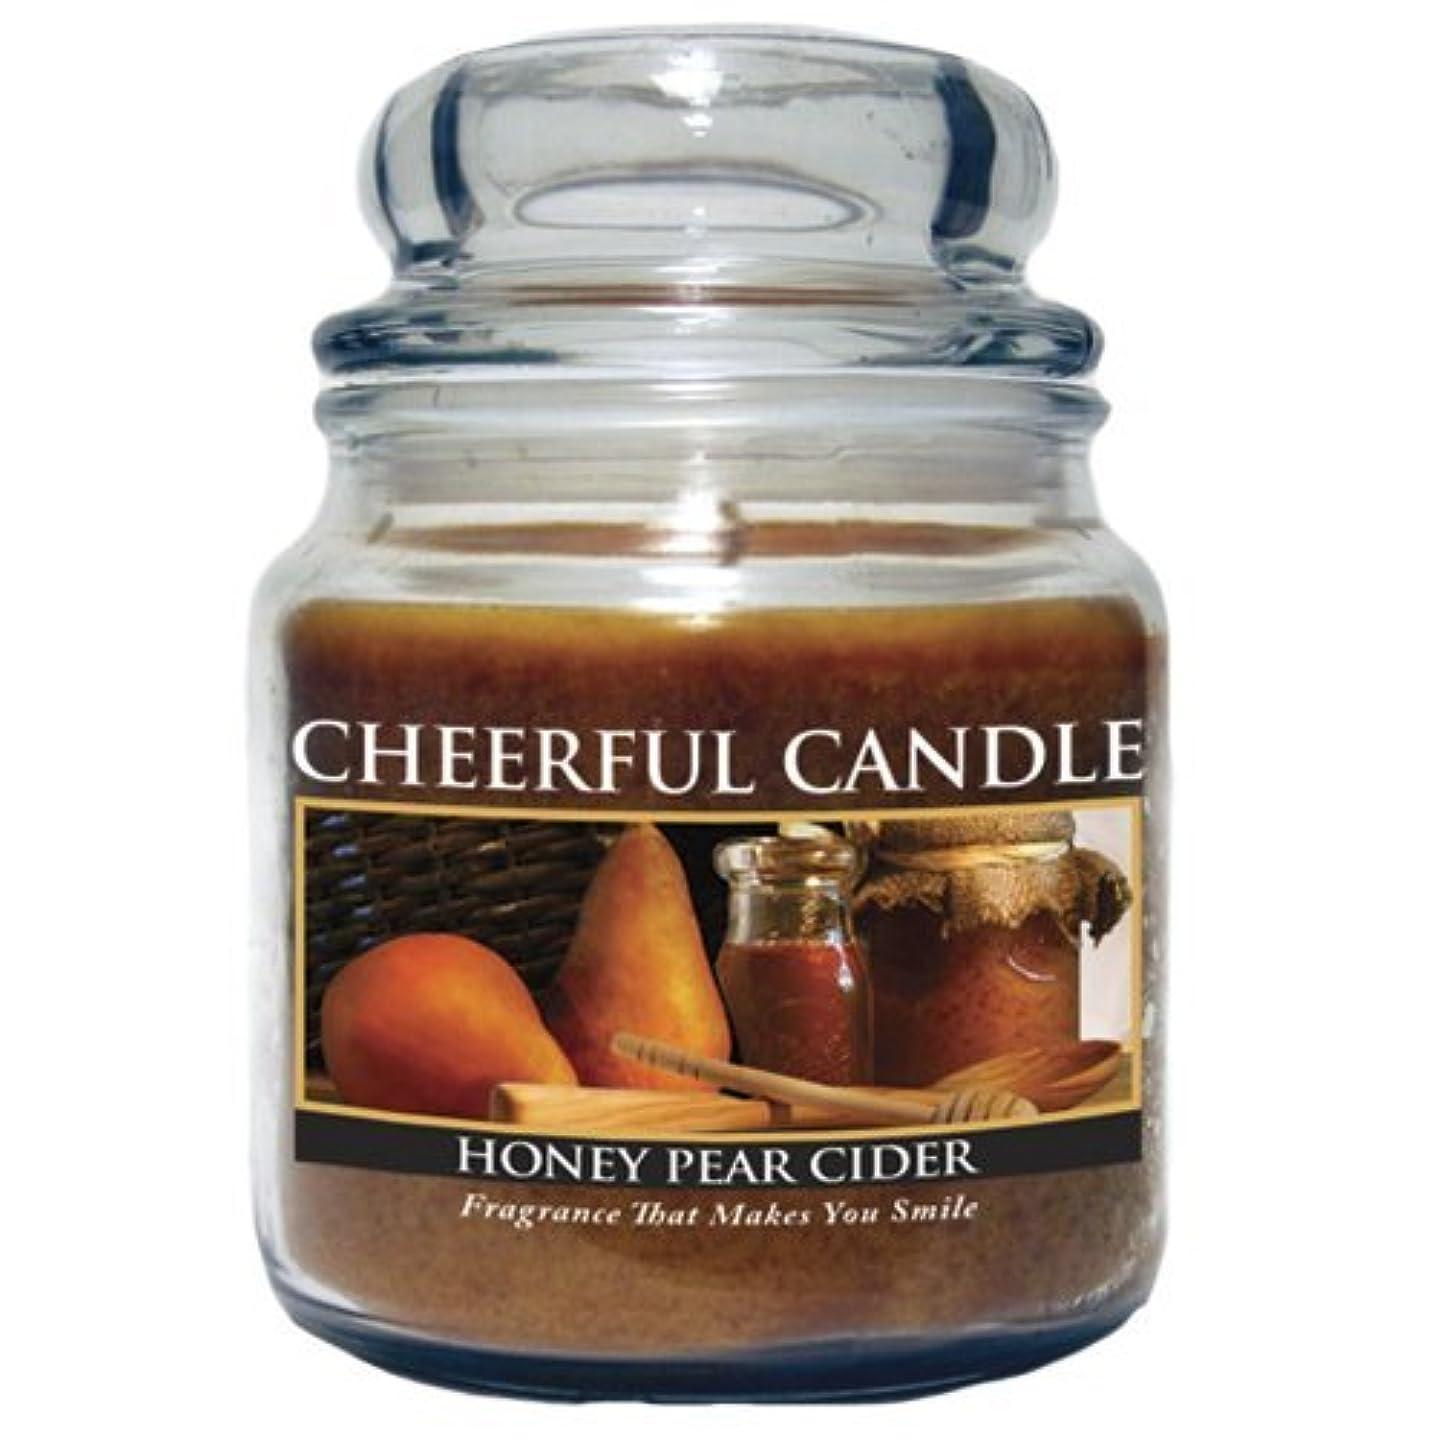 ペインうがいサイトA Cheerful Giver Honey Pear Cider Jar Candle, 24-Ounce by Cheerful Giver [並行輸入品]